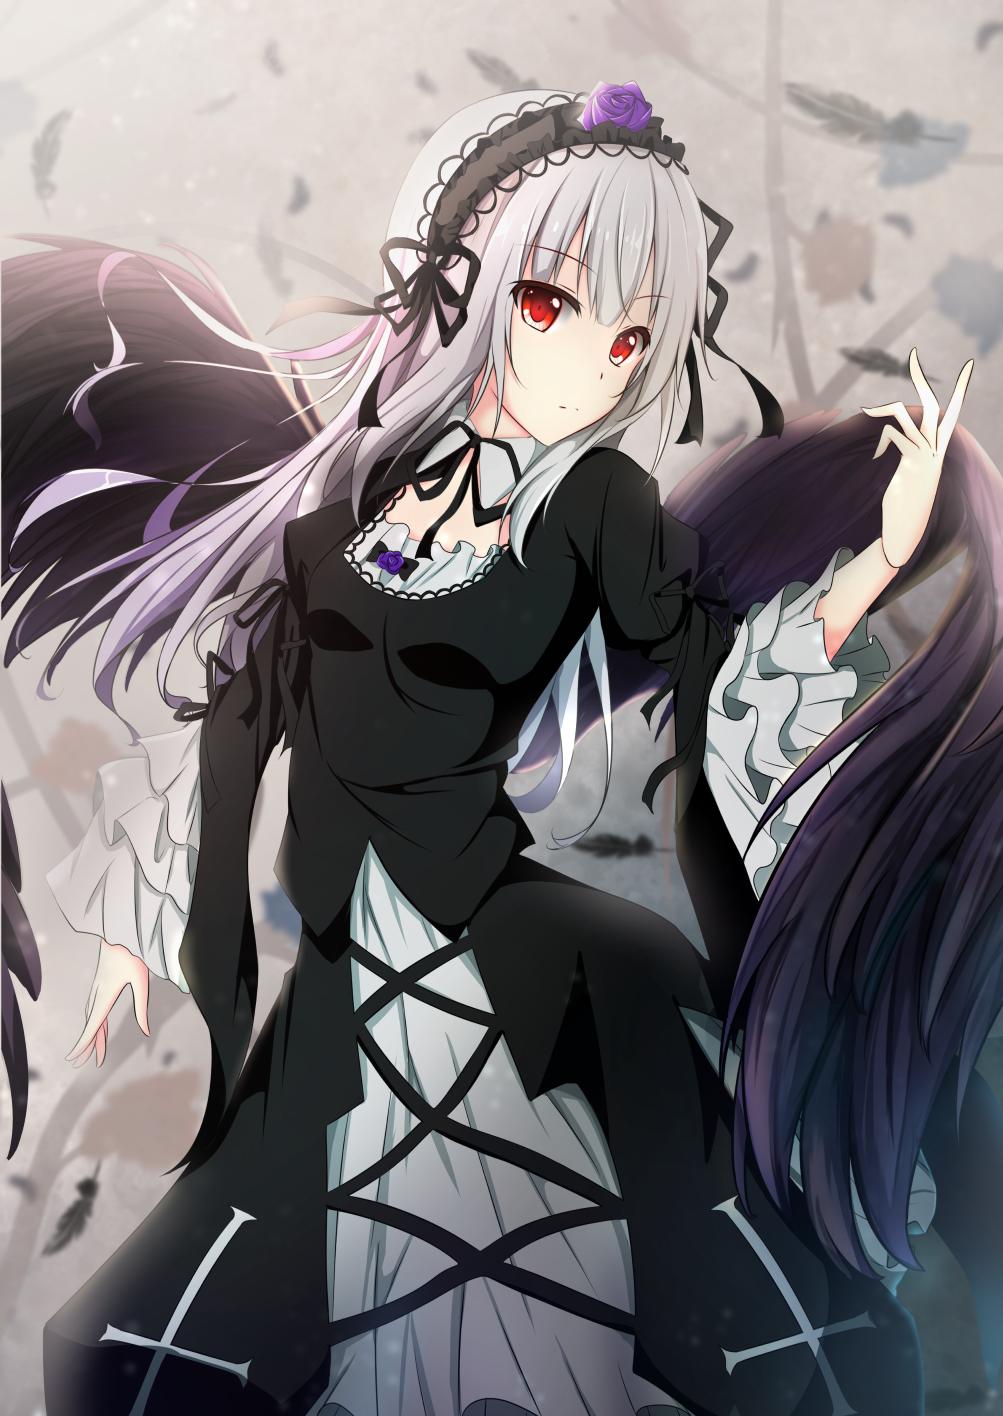 anime_wallpaper_rozen_maiden_5882183-47376336_p0.jpg